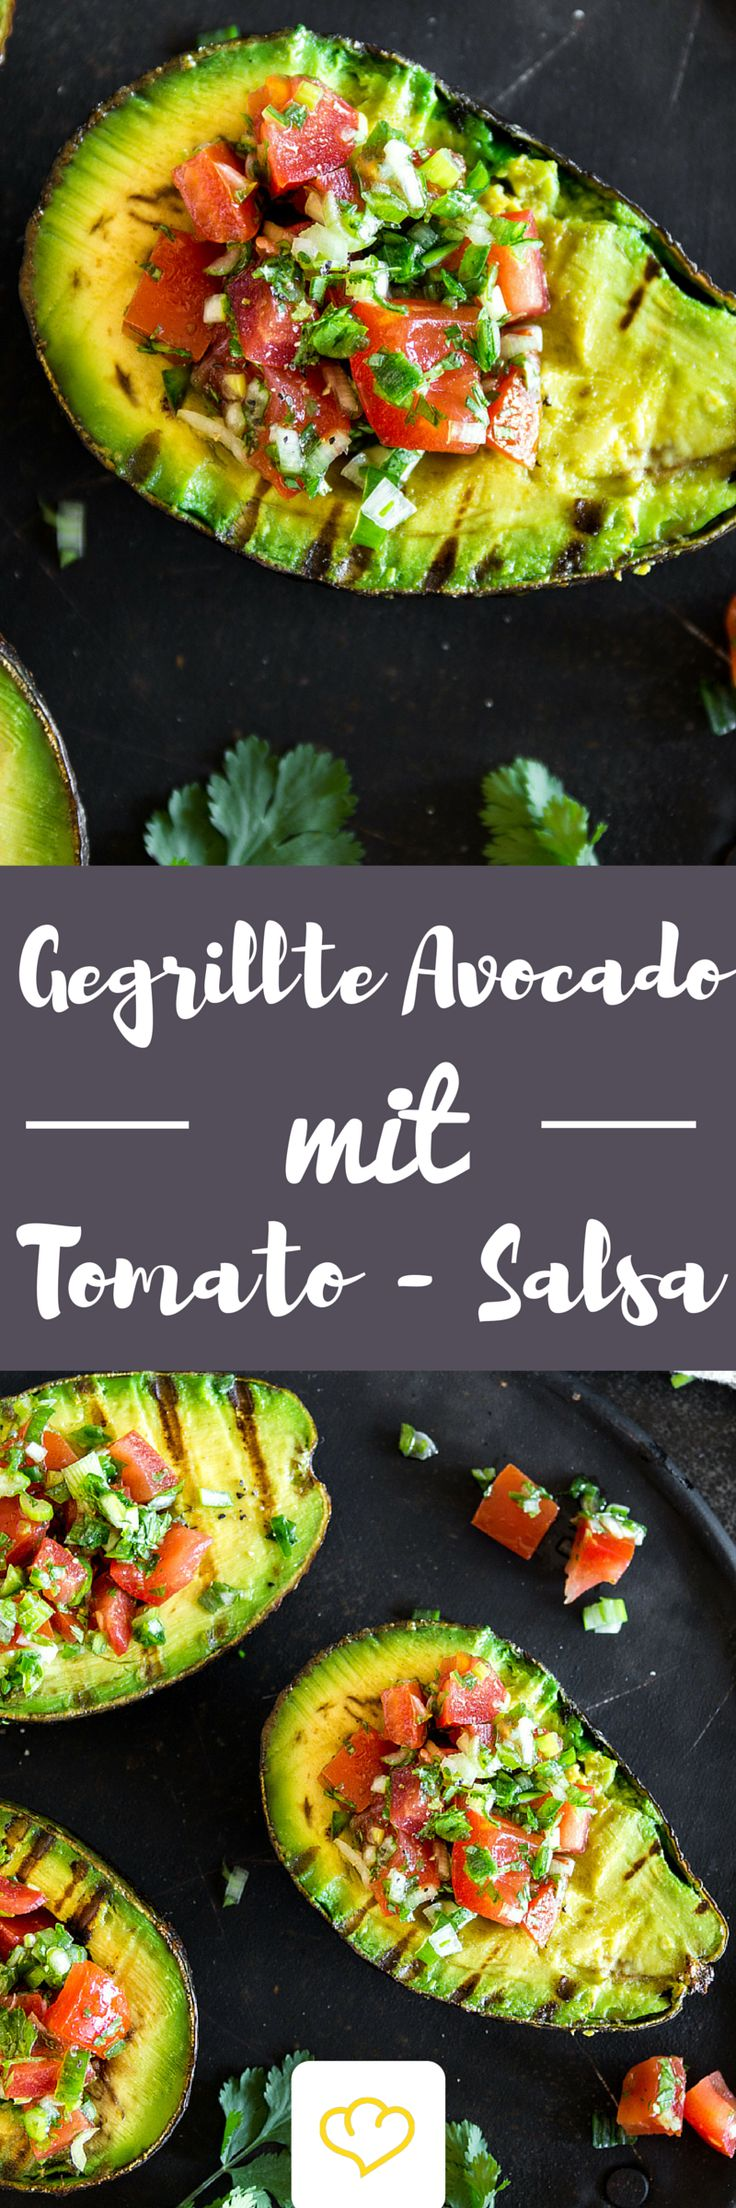 Du hast Avocado noch nicht gegrillt? Solltest du aber! Warm vom Grill und gefüllt mit einer fruchtig-scharfen Salsa kommst du mit dem Löffeln gar nicht mehr hinterher – so verdammt lecker ist die Avocado. Und so einfach zubereitet. Und so schnell gemacht. Und … .